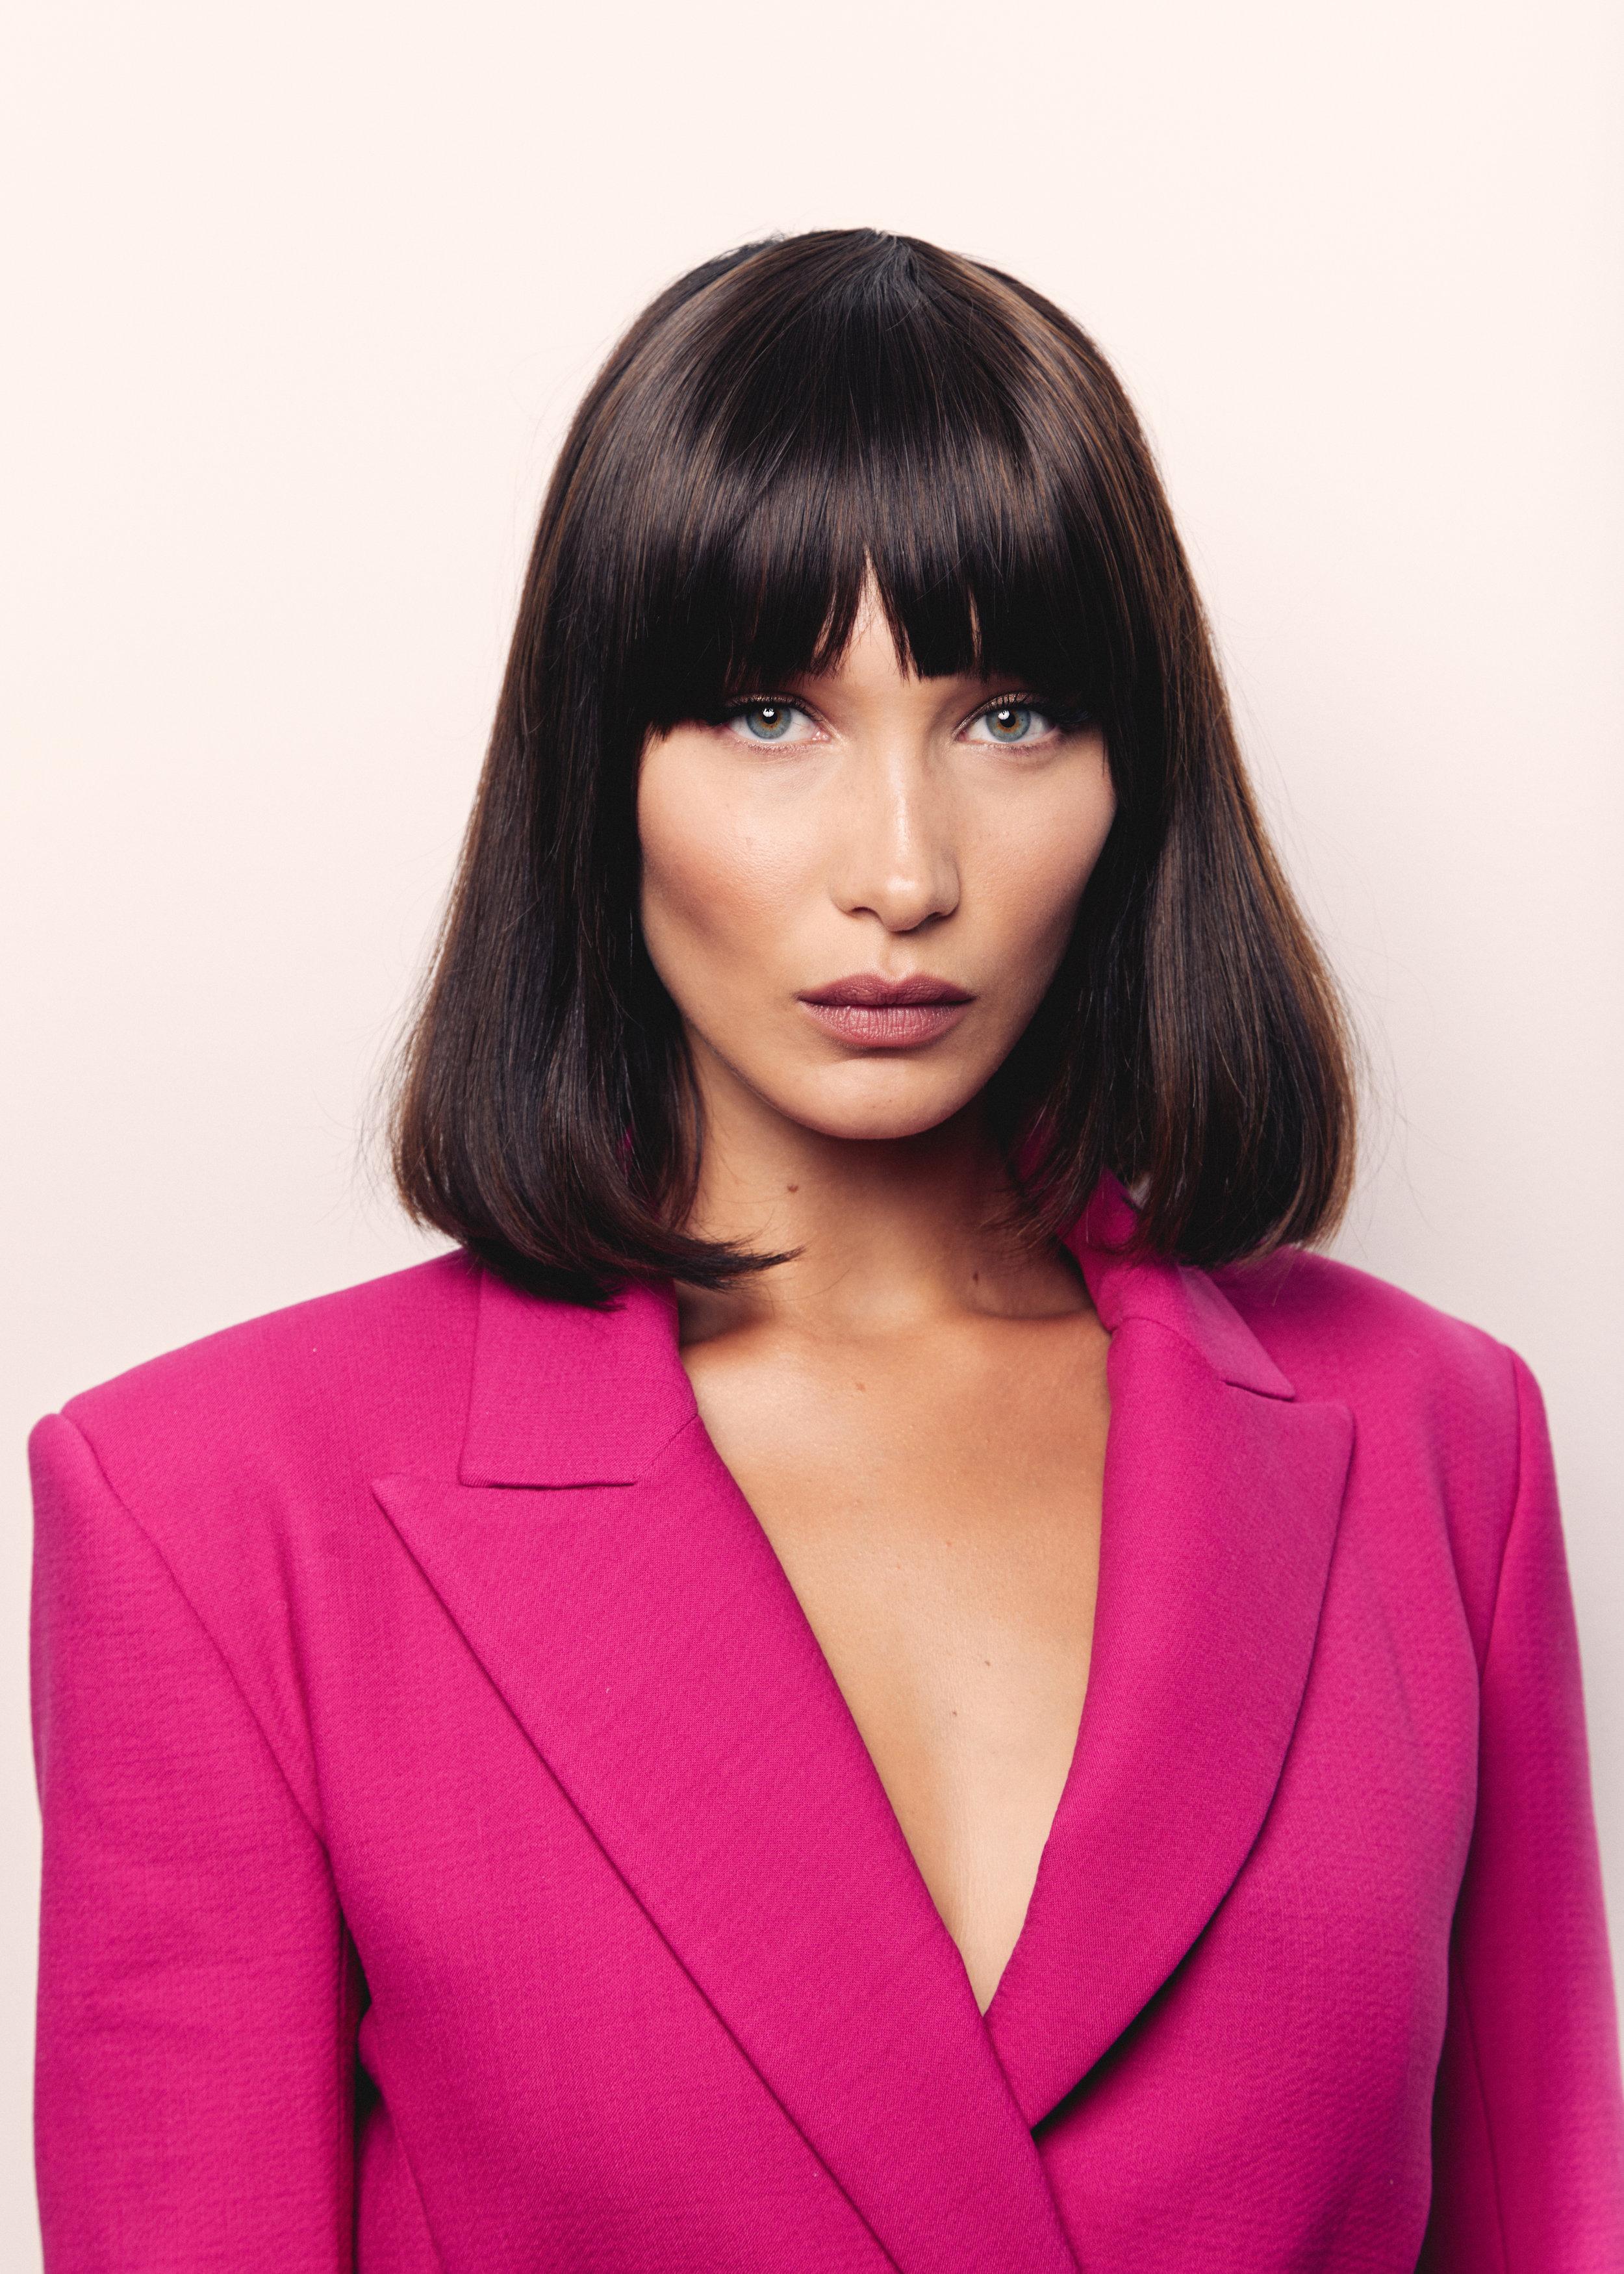 Bella Hadid for Vogue.com